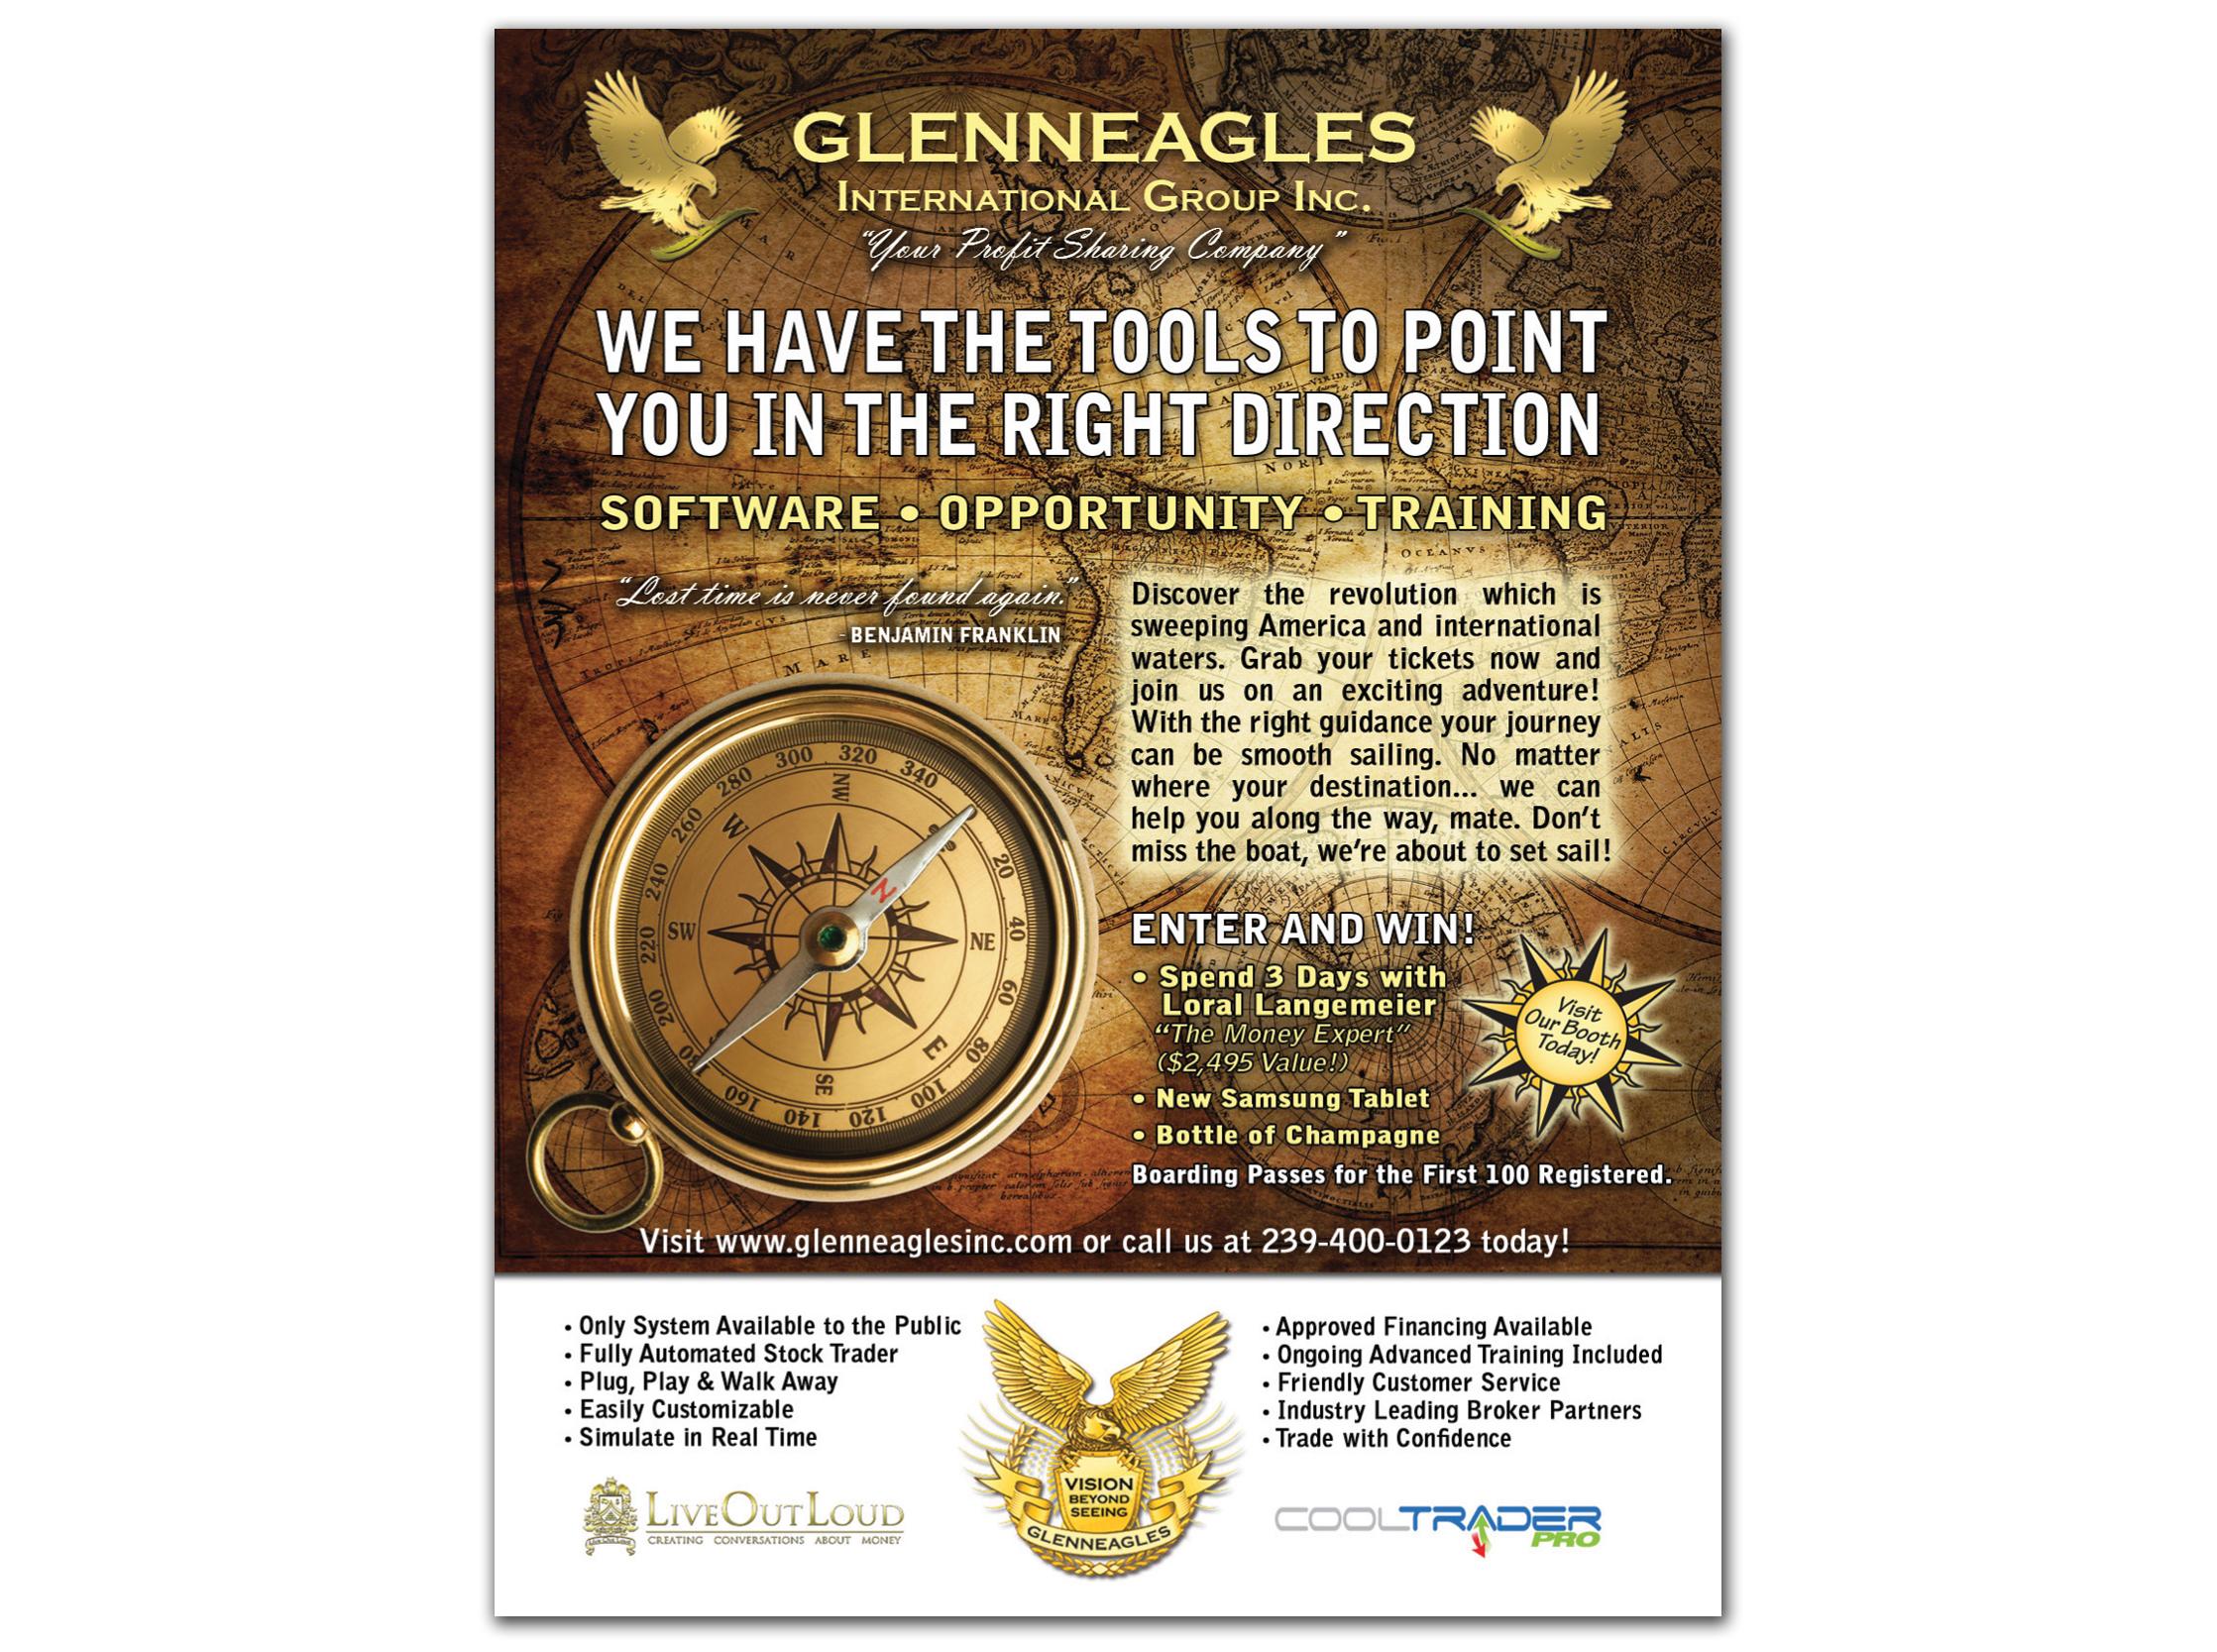 Glenneagles